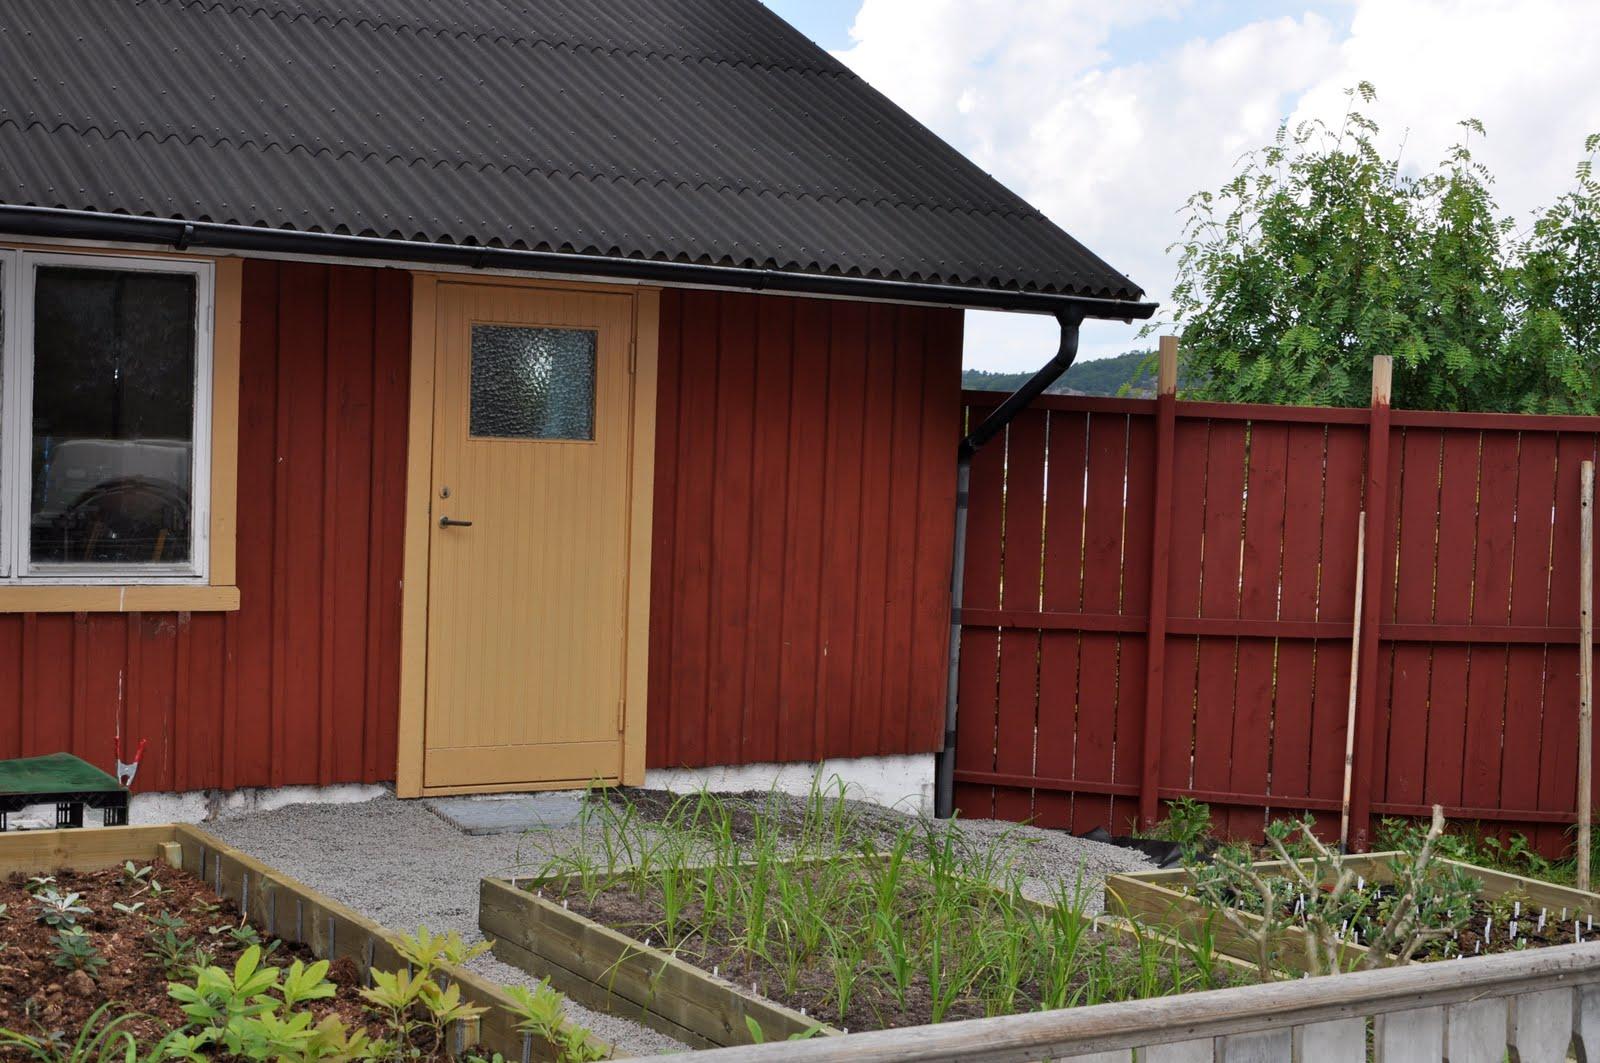 Trädgård plank trädgård : Alen TrädgÃ¥rd: Grusad plats!